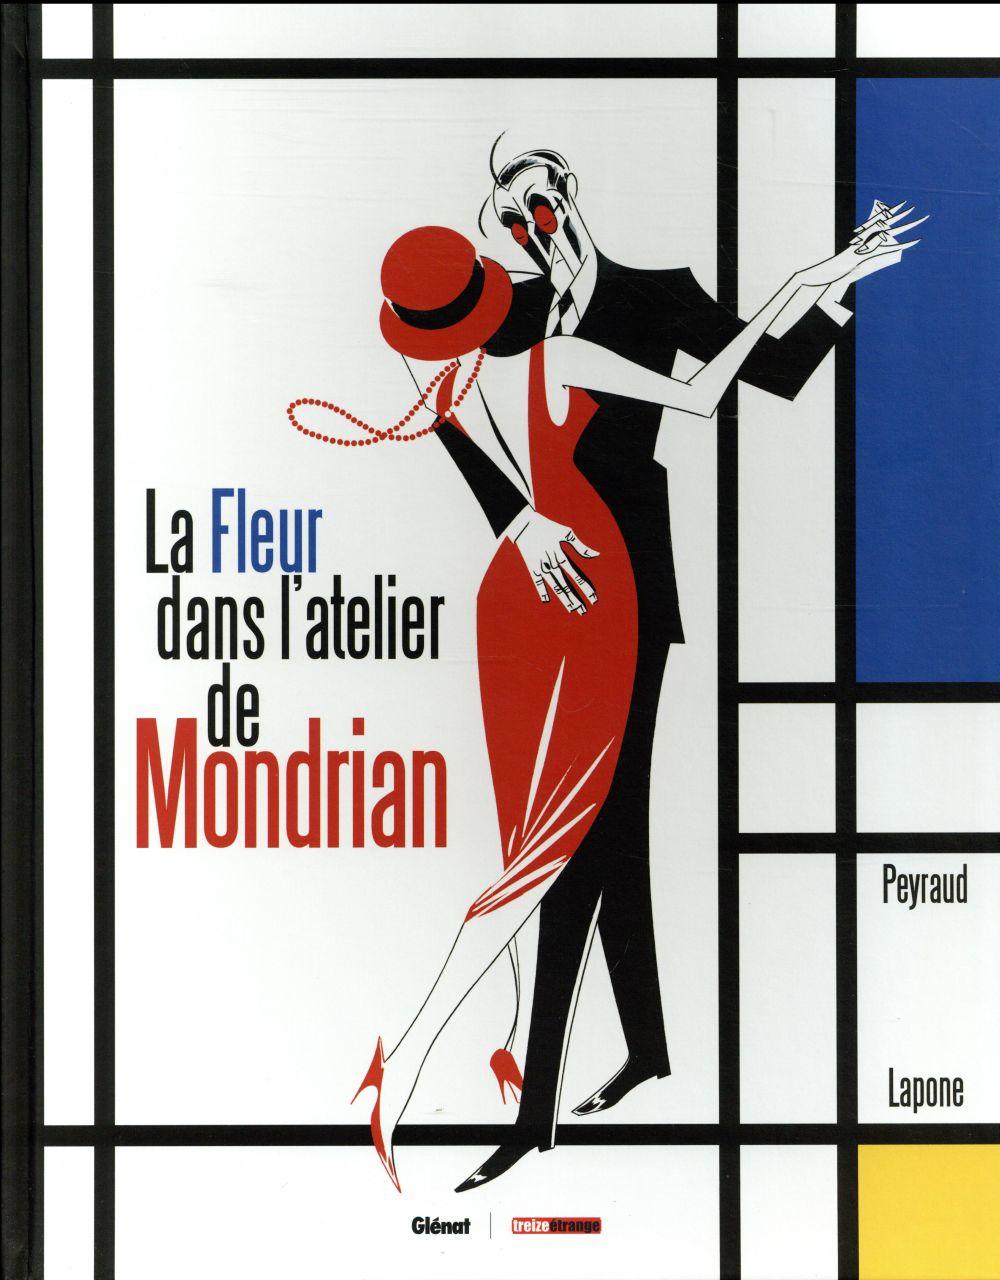 LES GRANDS PEINTRES ; la fleur dans l'atelier de Mondrian